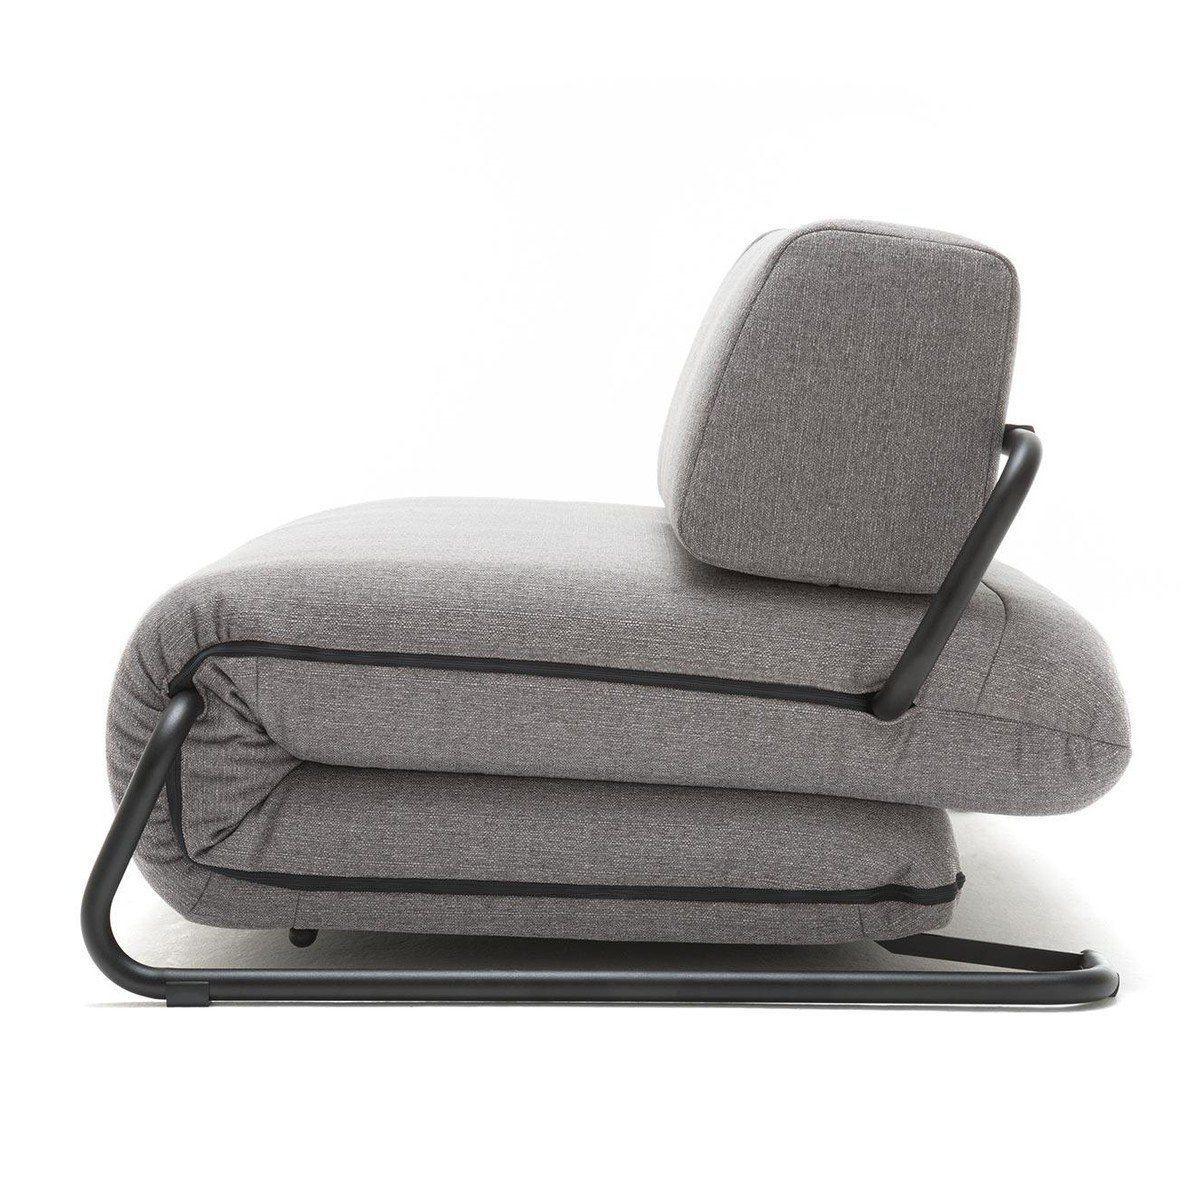 freistil 164 schlafsofa freistil rolf benz. Black Bedroom Furniture Sets. Home Design Ideas